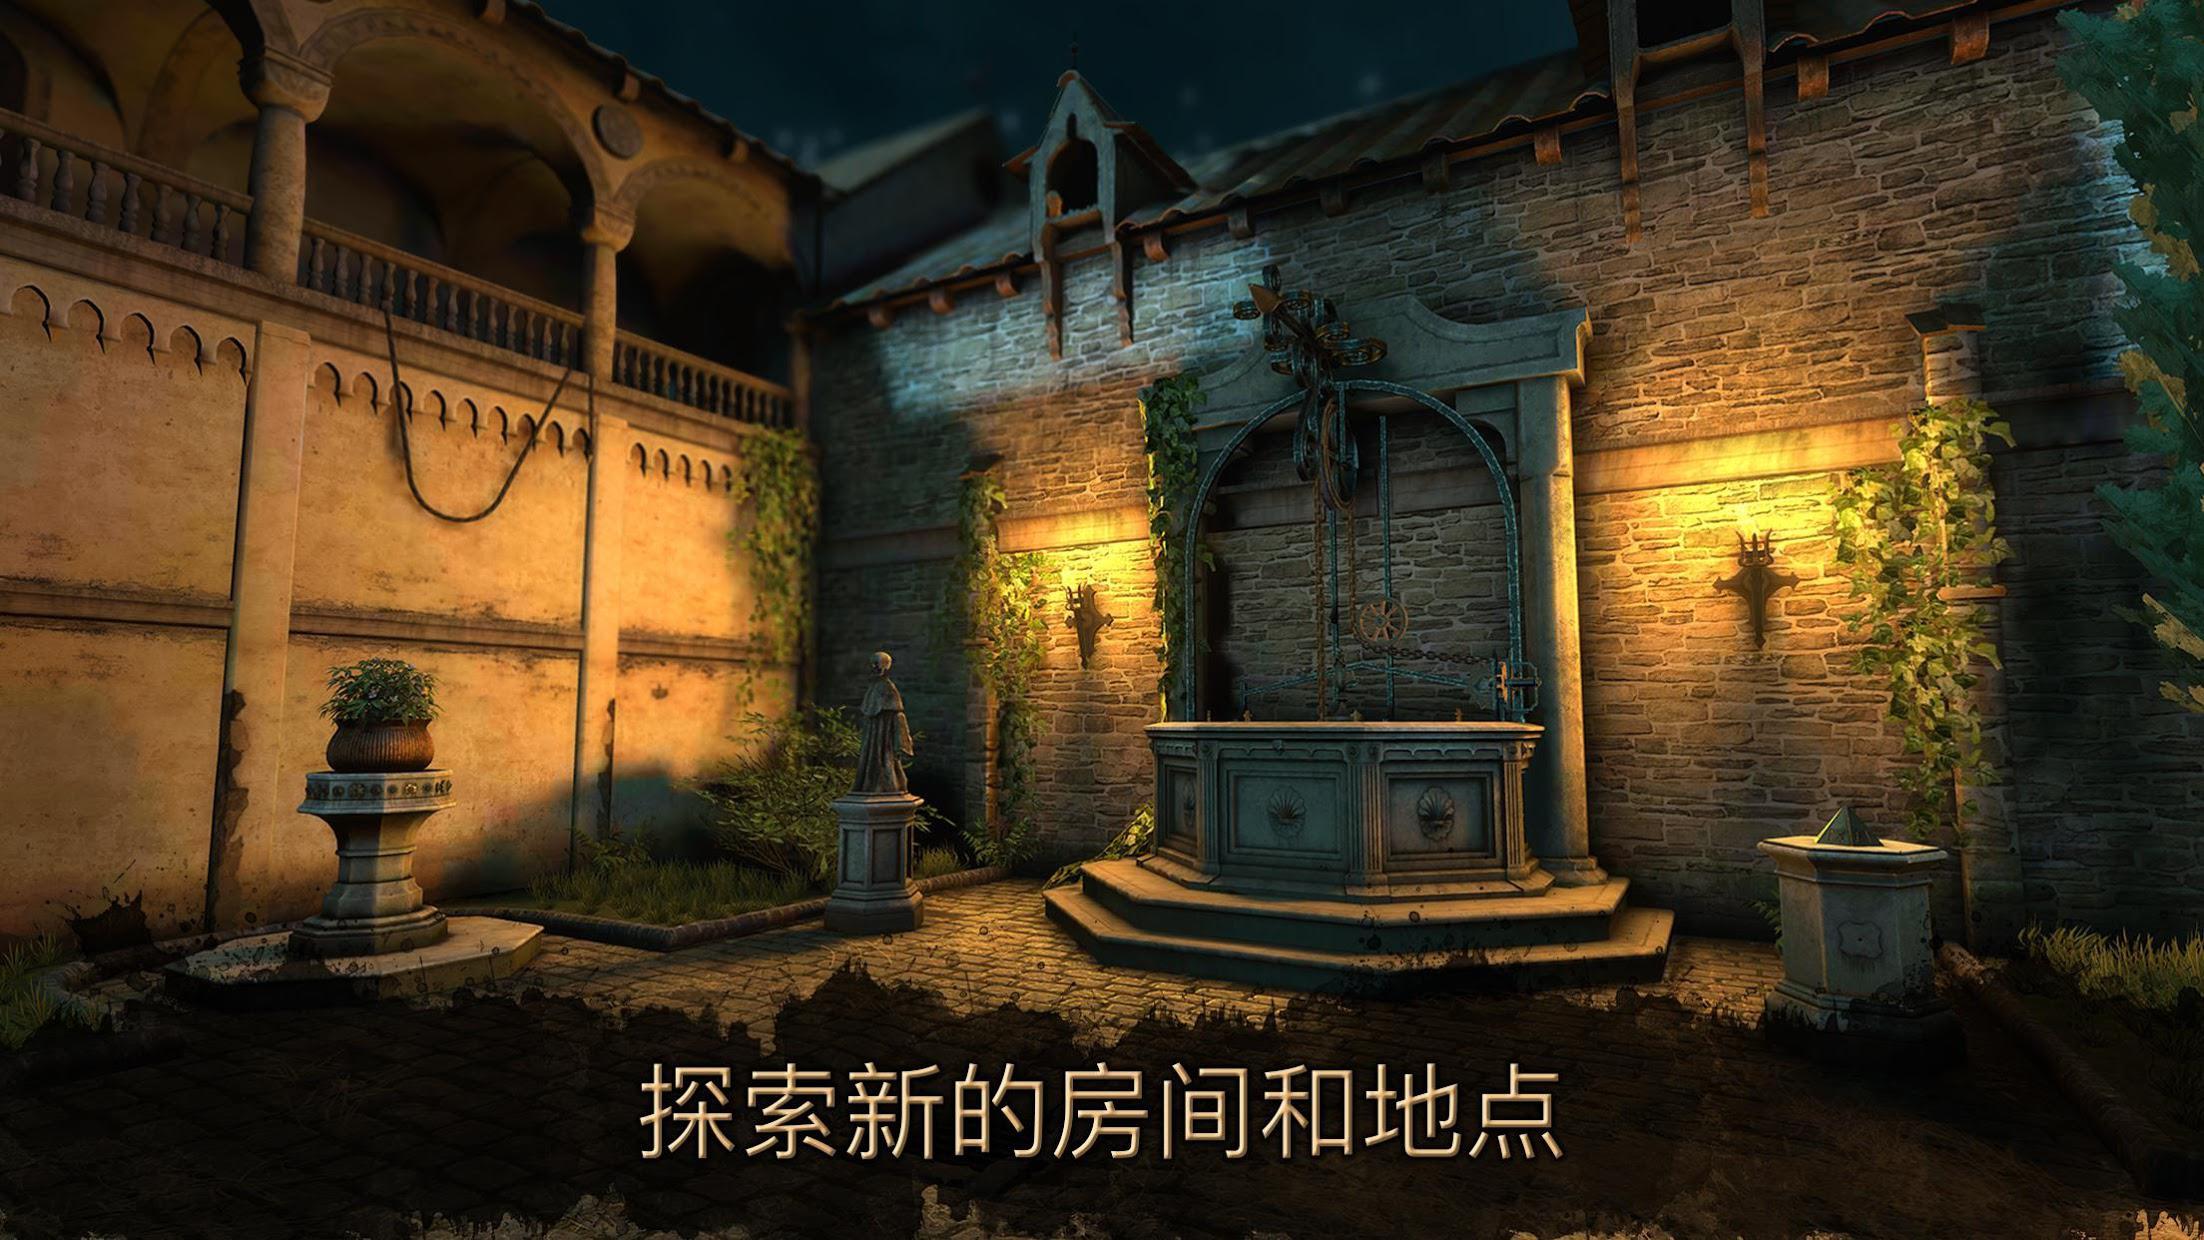 达芬奇密室2(海外版) 游戏截图3